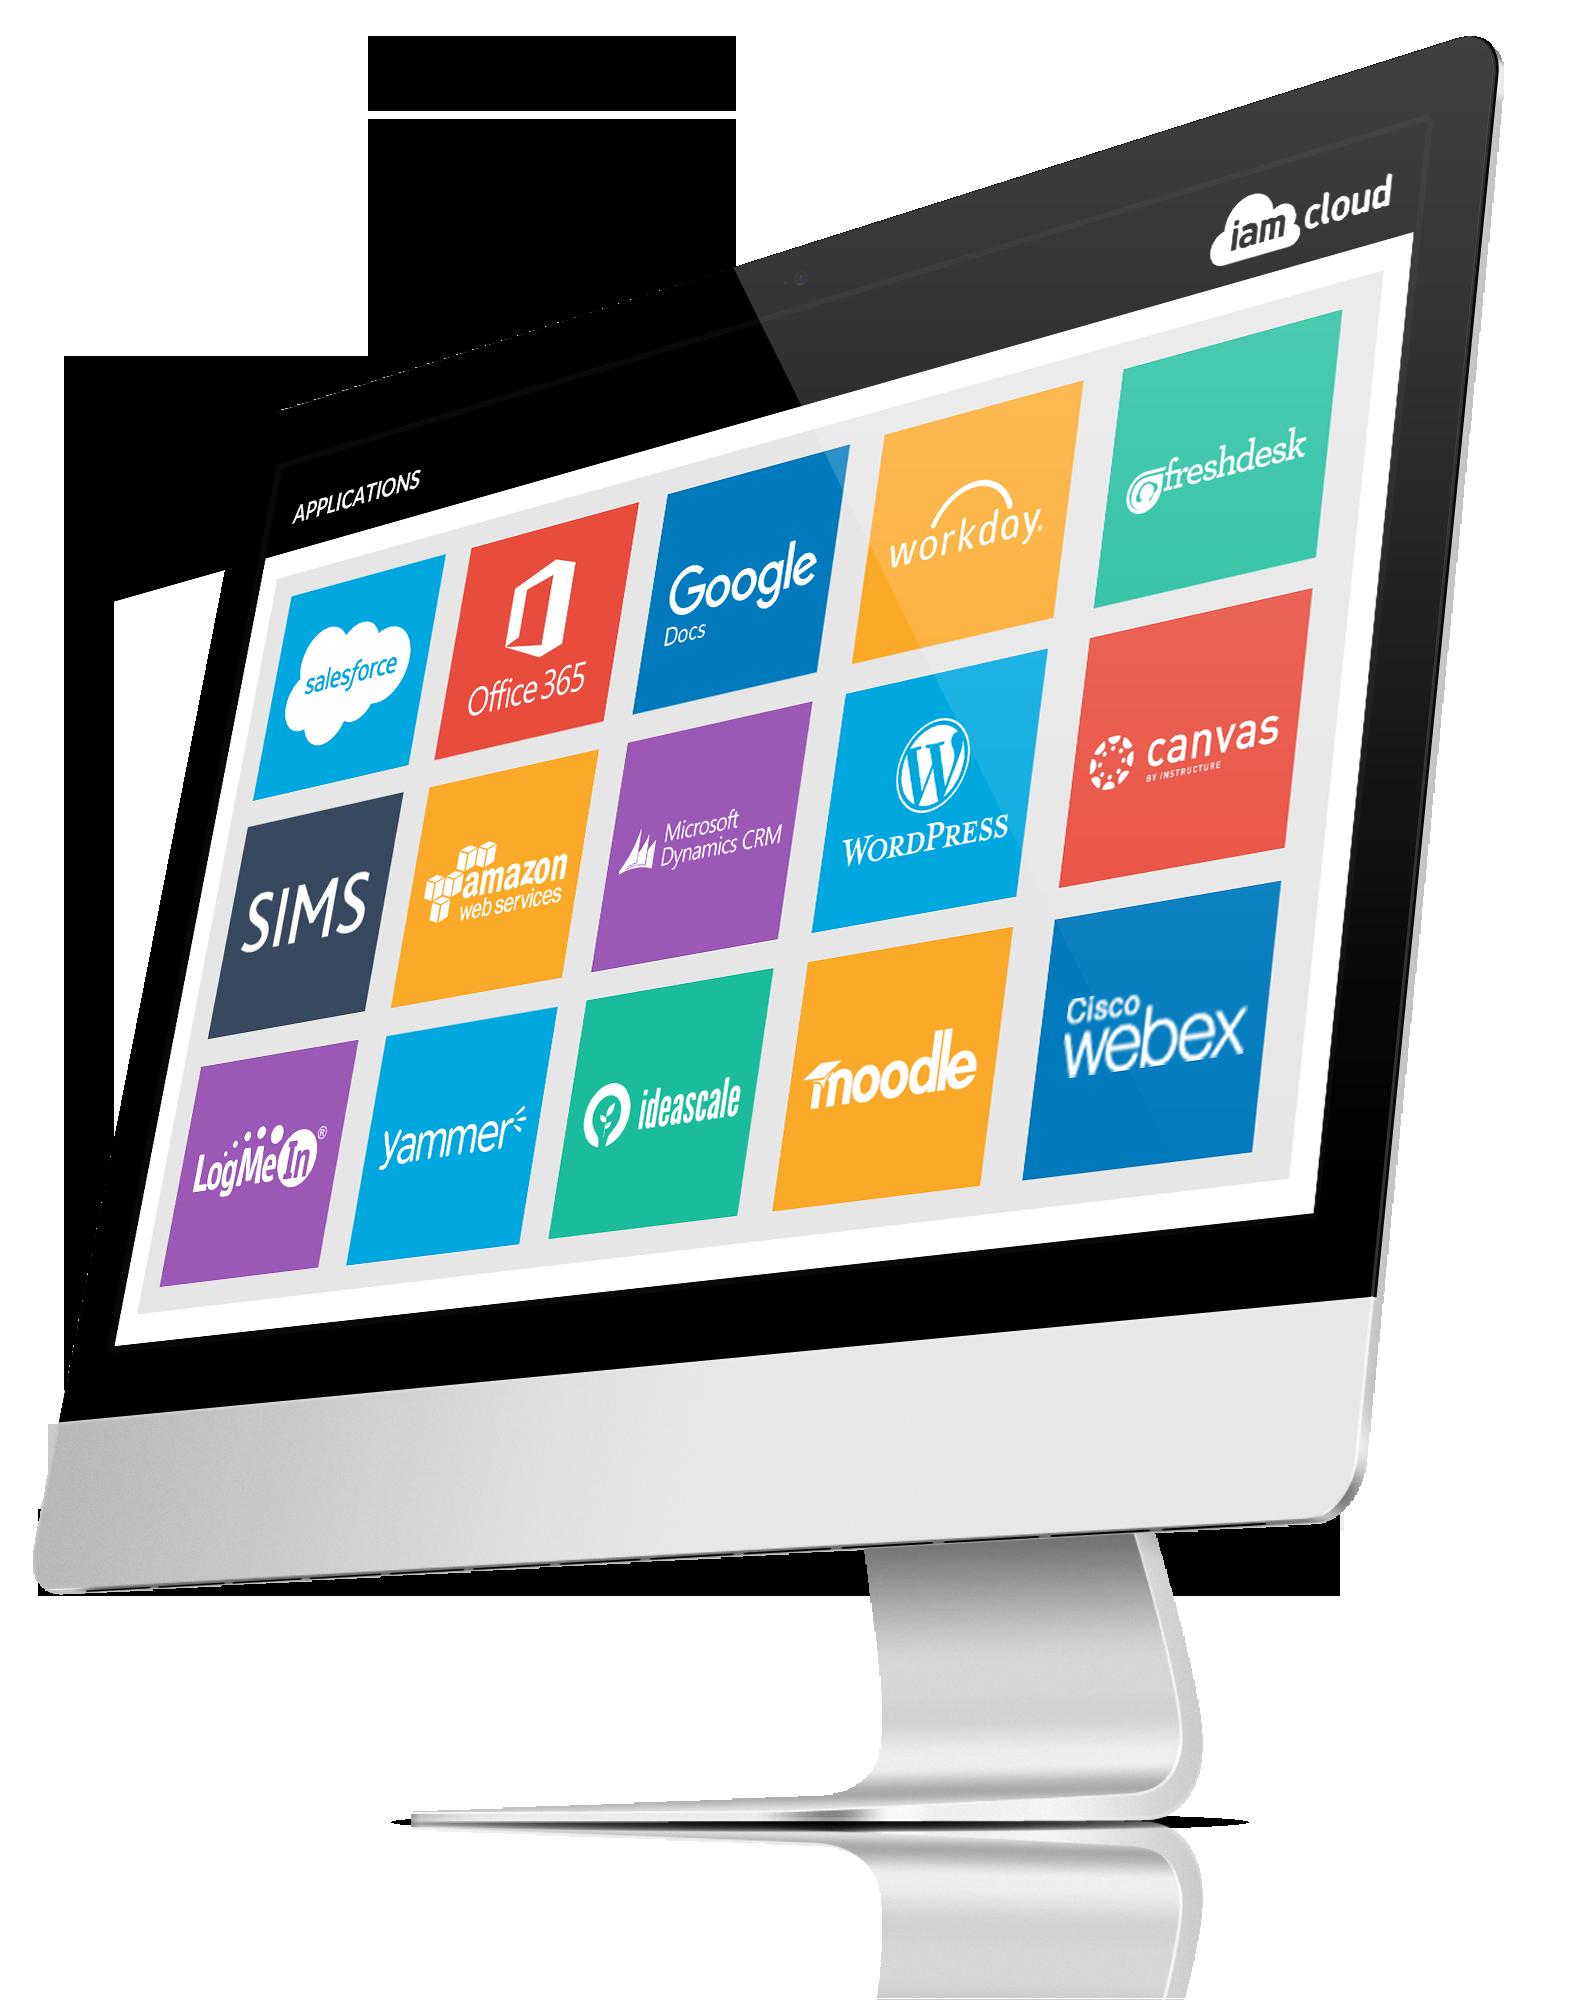 Applications_Screen.png